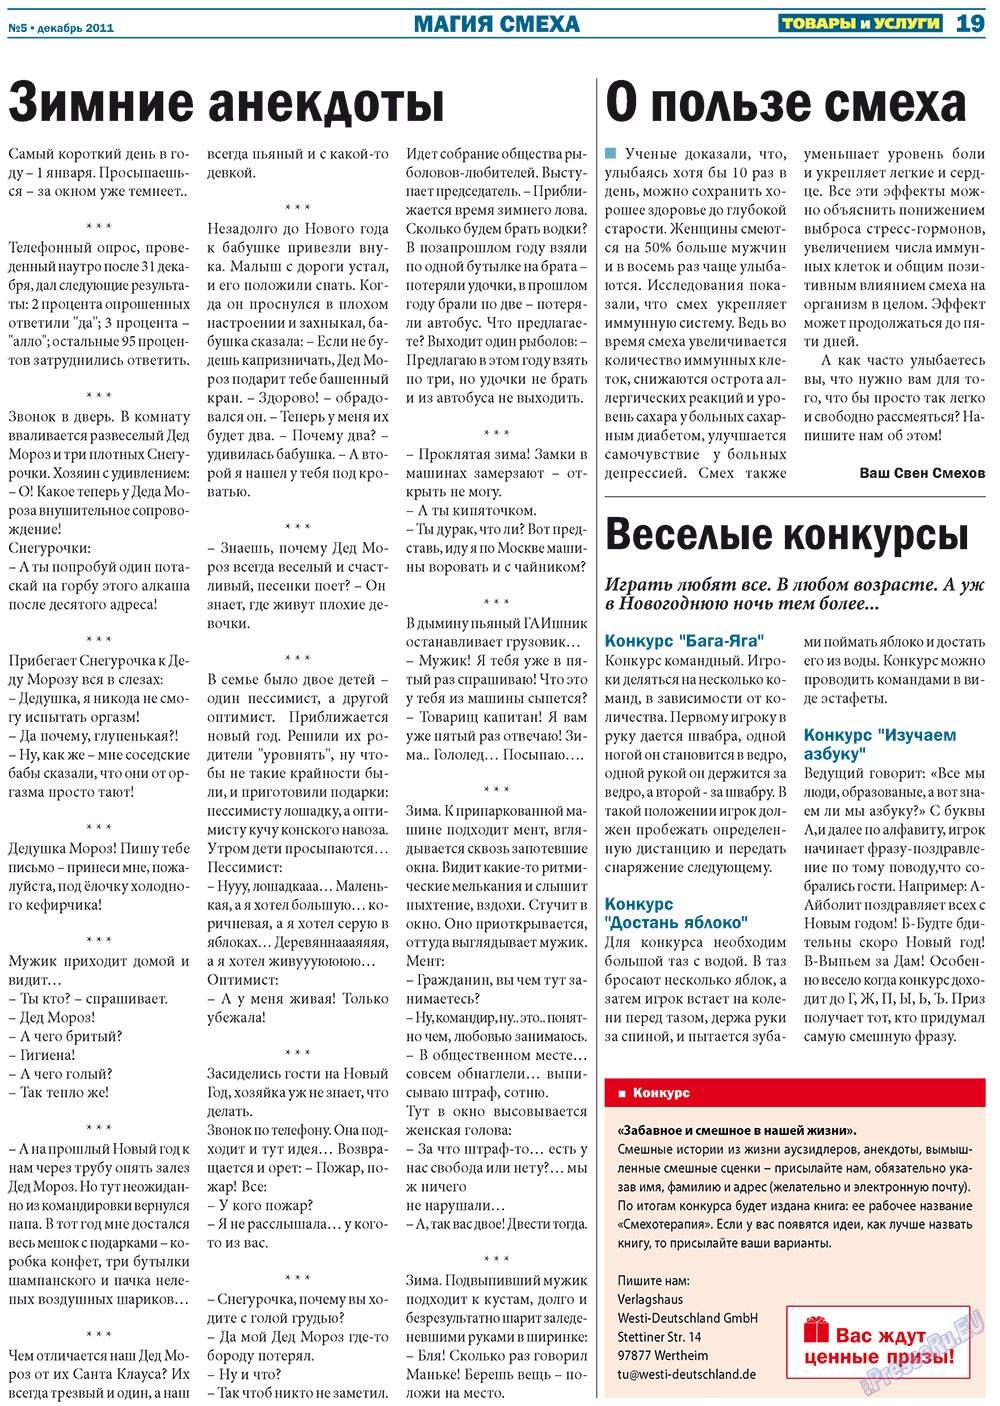 Товары и услуги (газета). 2011 год, номер 5, стр. 19